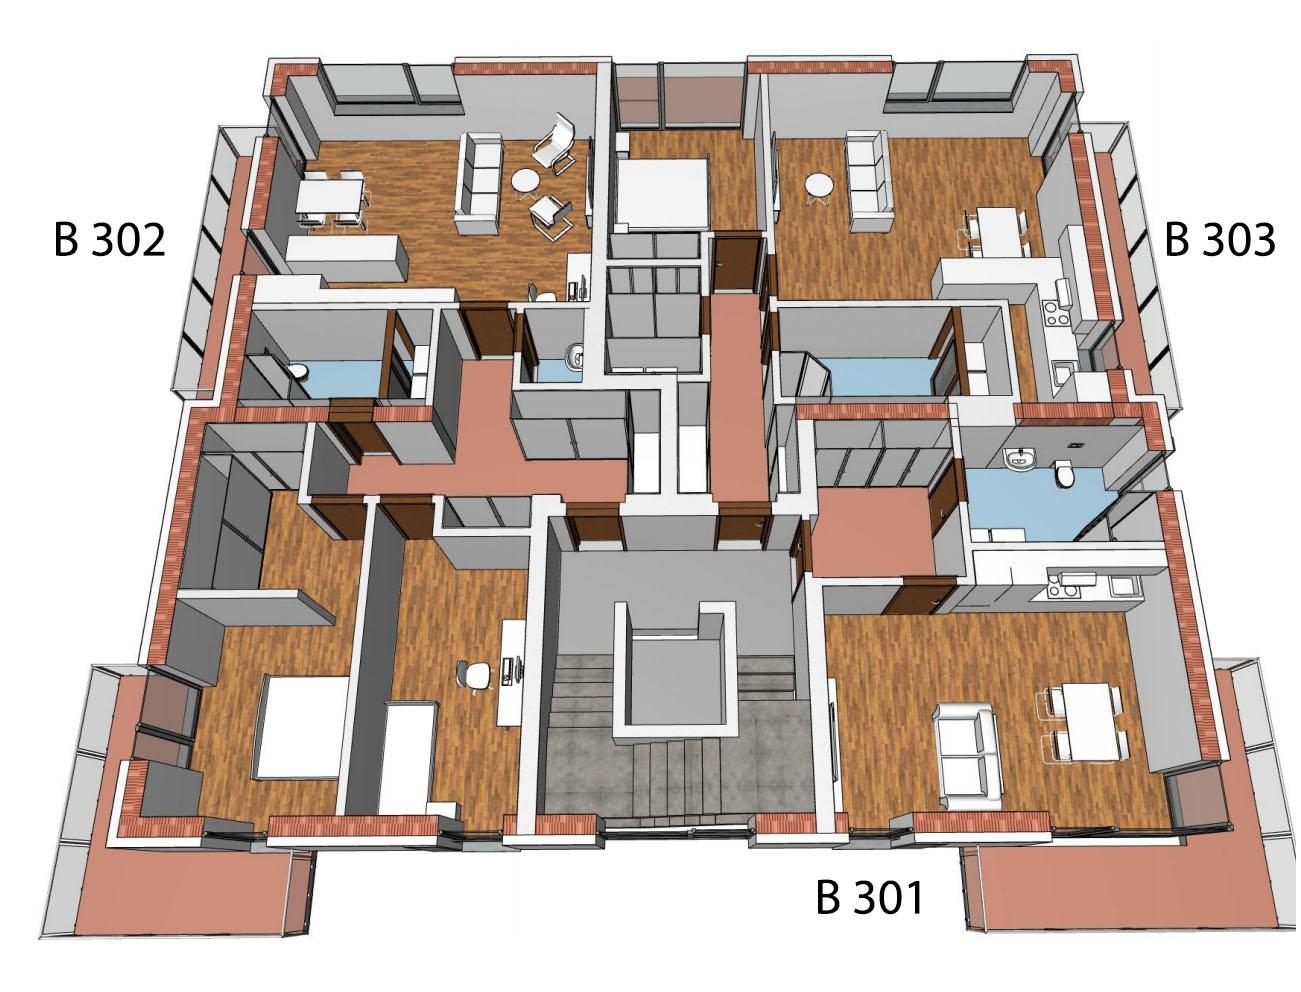 Půdorys 3.NP bytového domu B